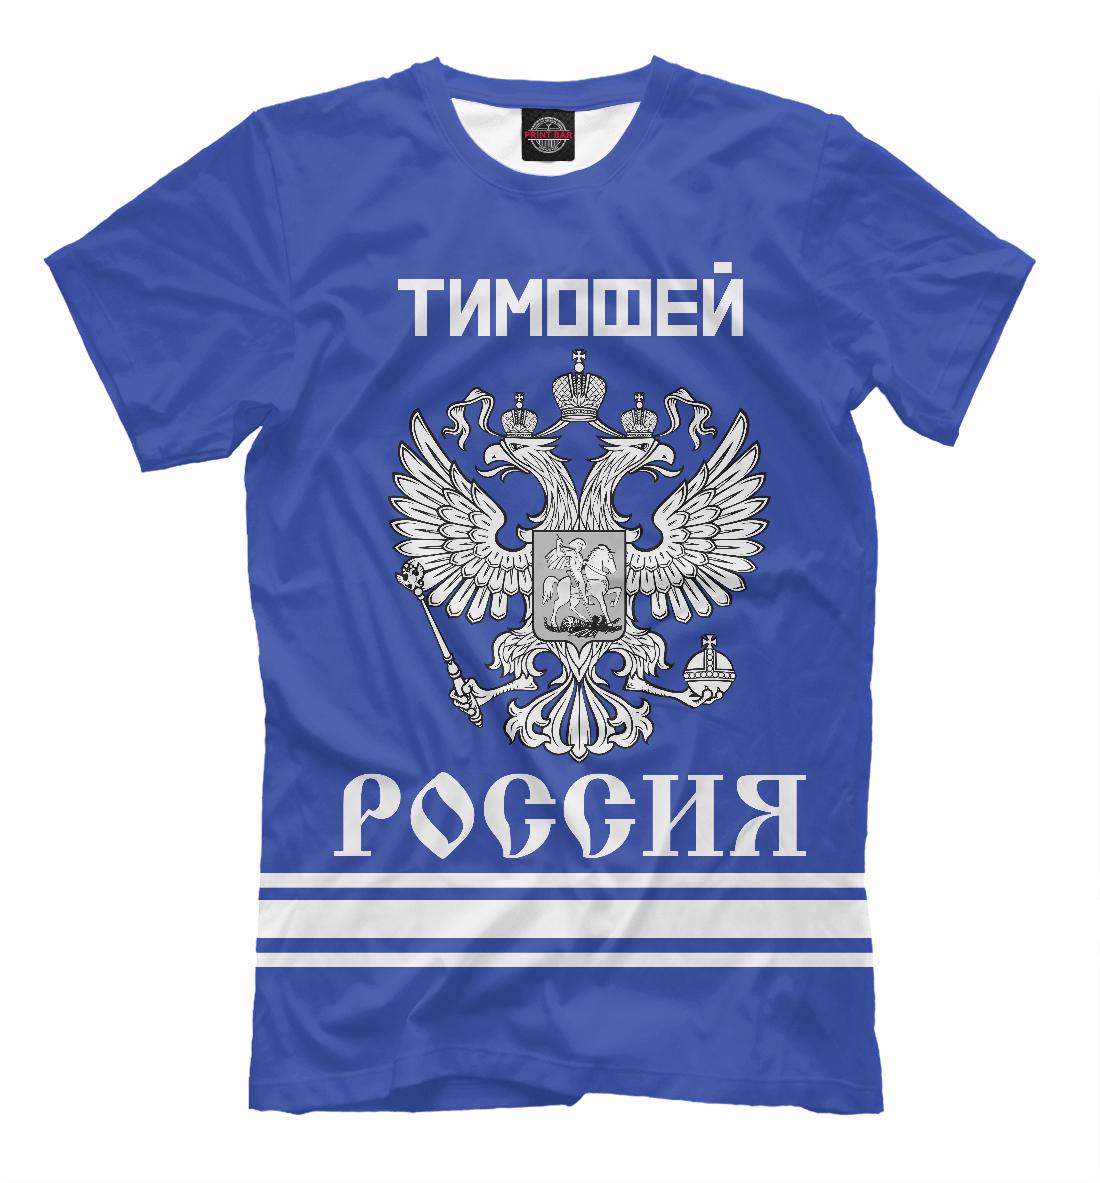 Купить ТИМОФЕЙ sport russia collection, Printbar, Футболки, TMF-247508-fut-2